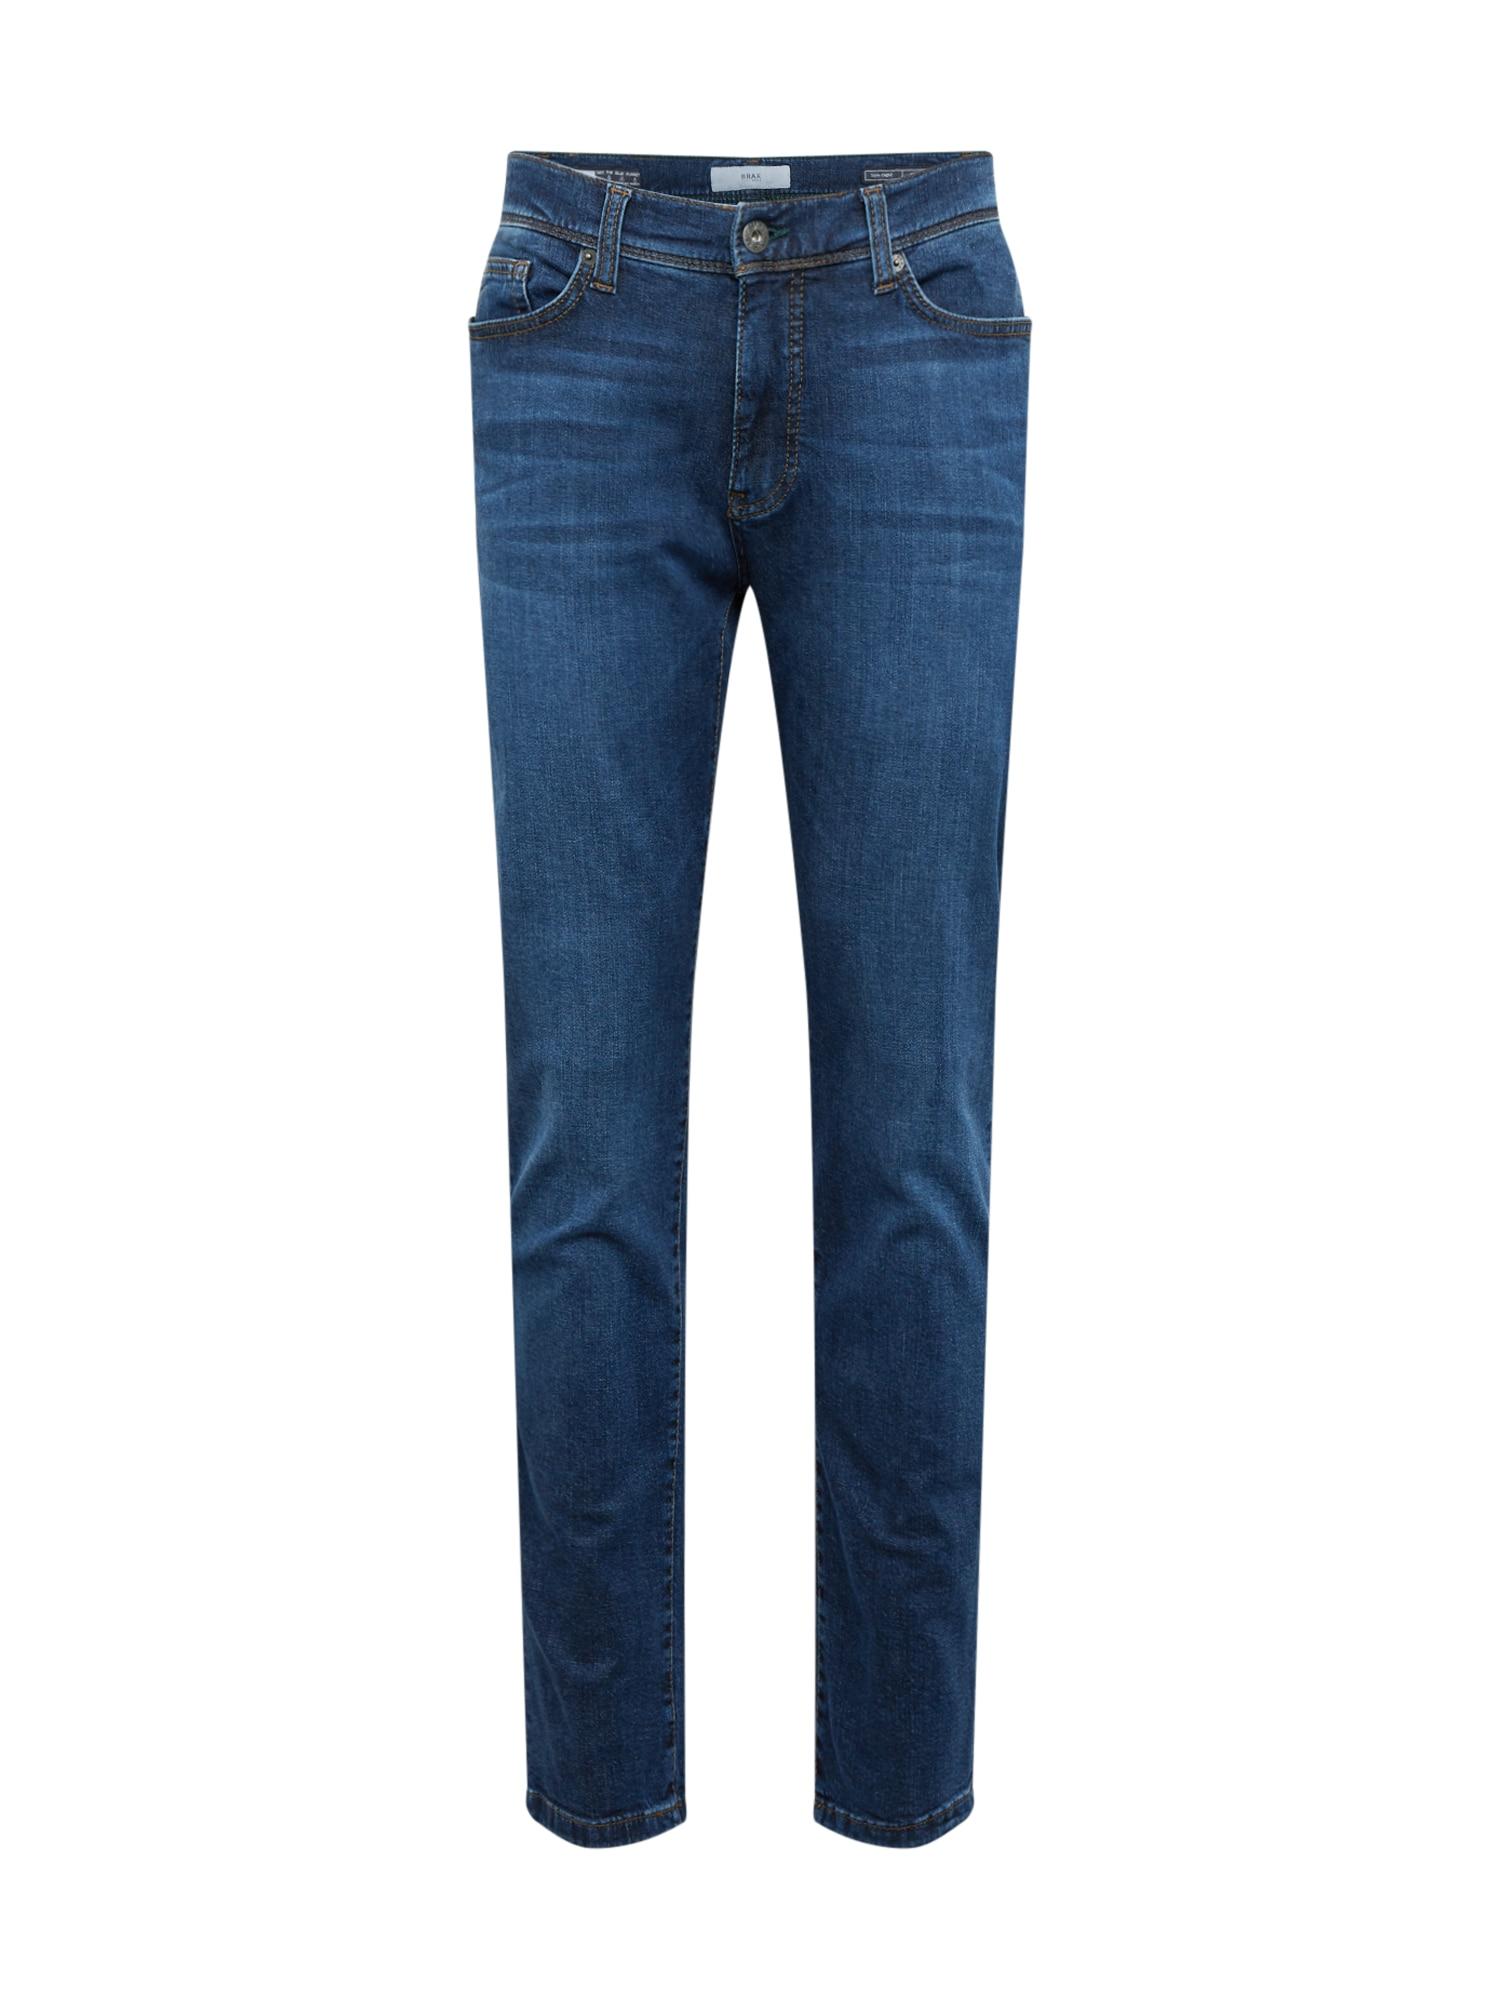 BRAX Džinsai 'cadiz' tamsiai (džinso) mėlyna